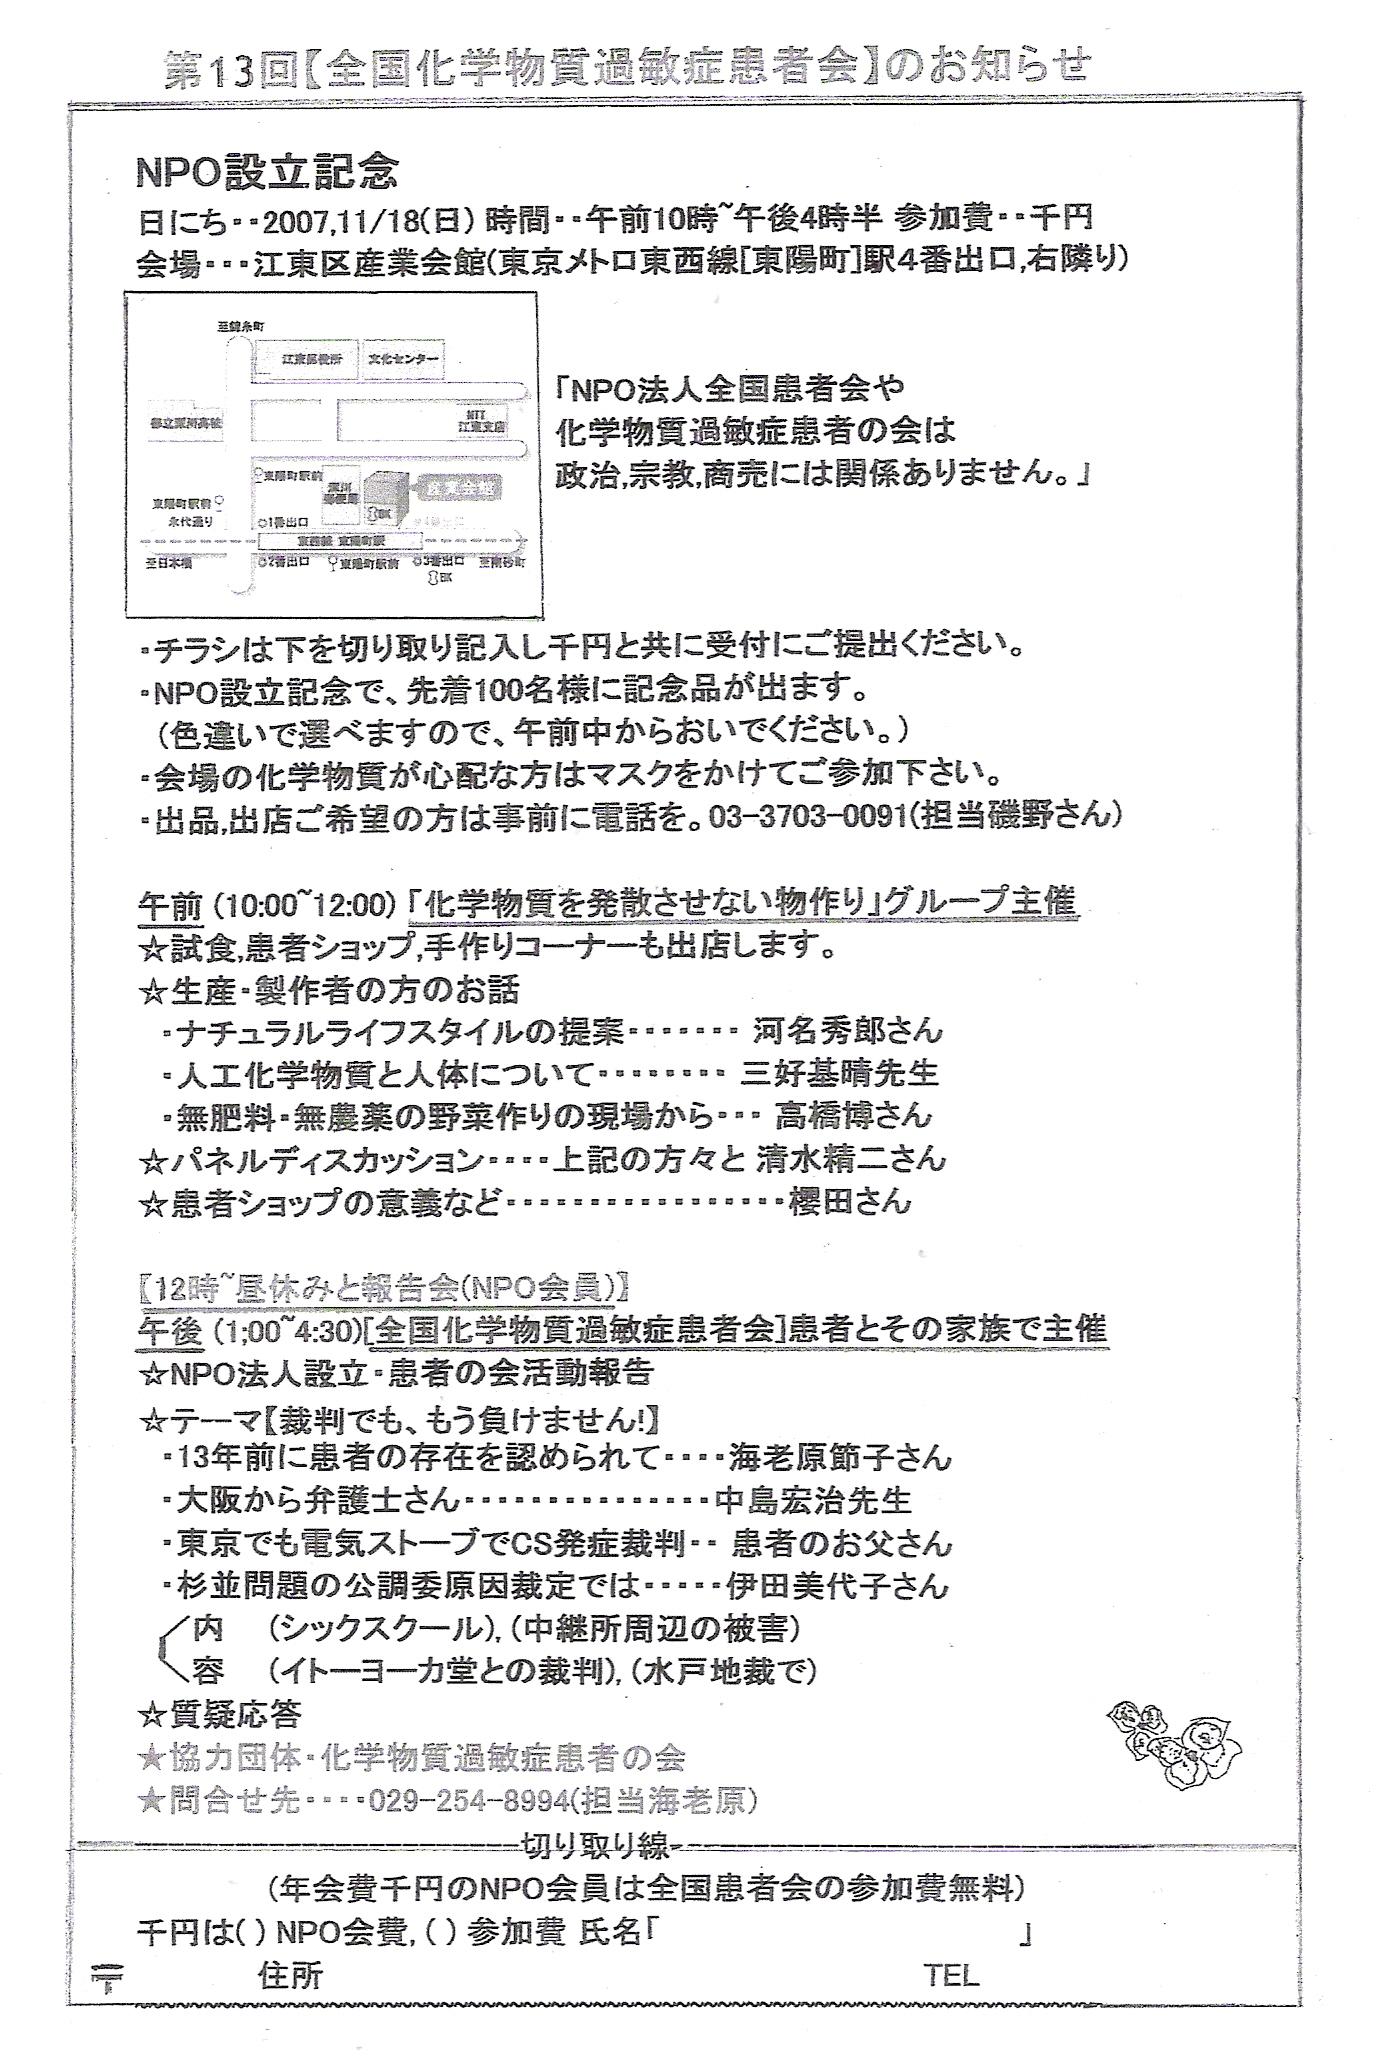 【第13回全国化学物質過敏症患者会,東京】の案内チラシ